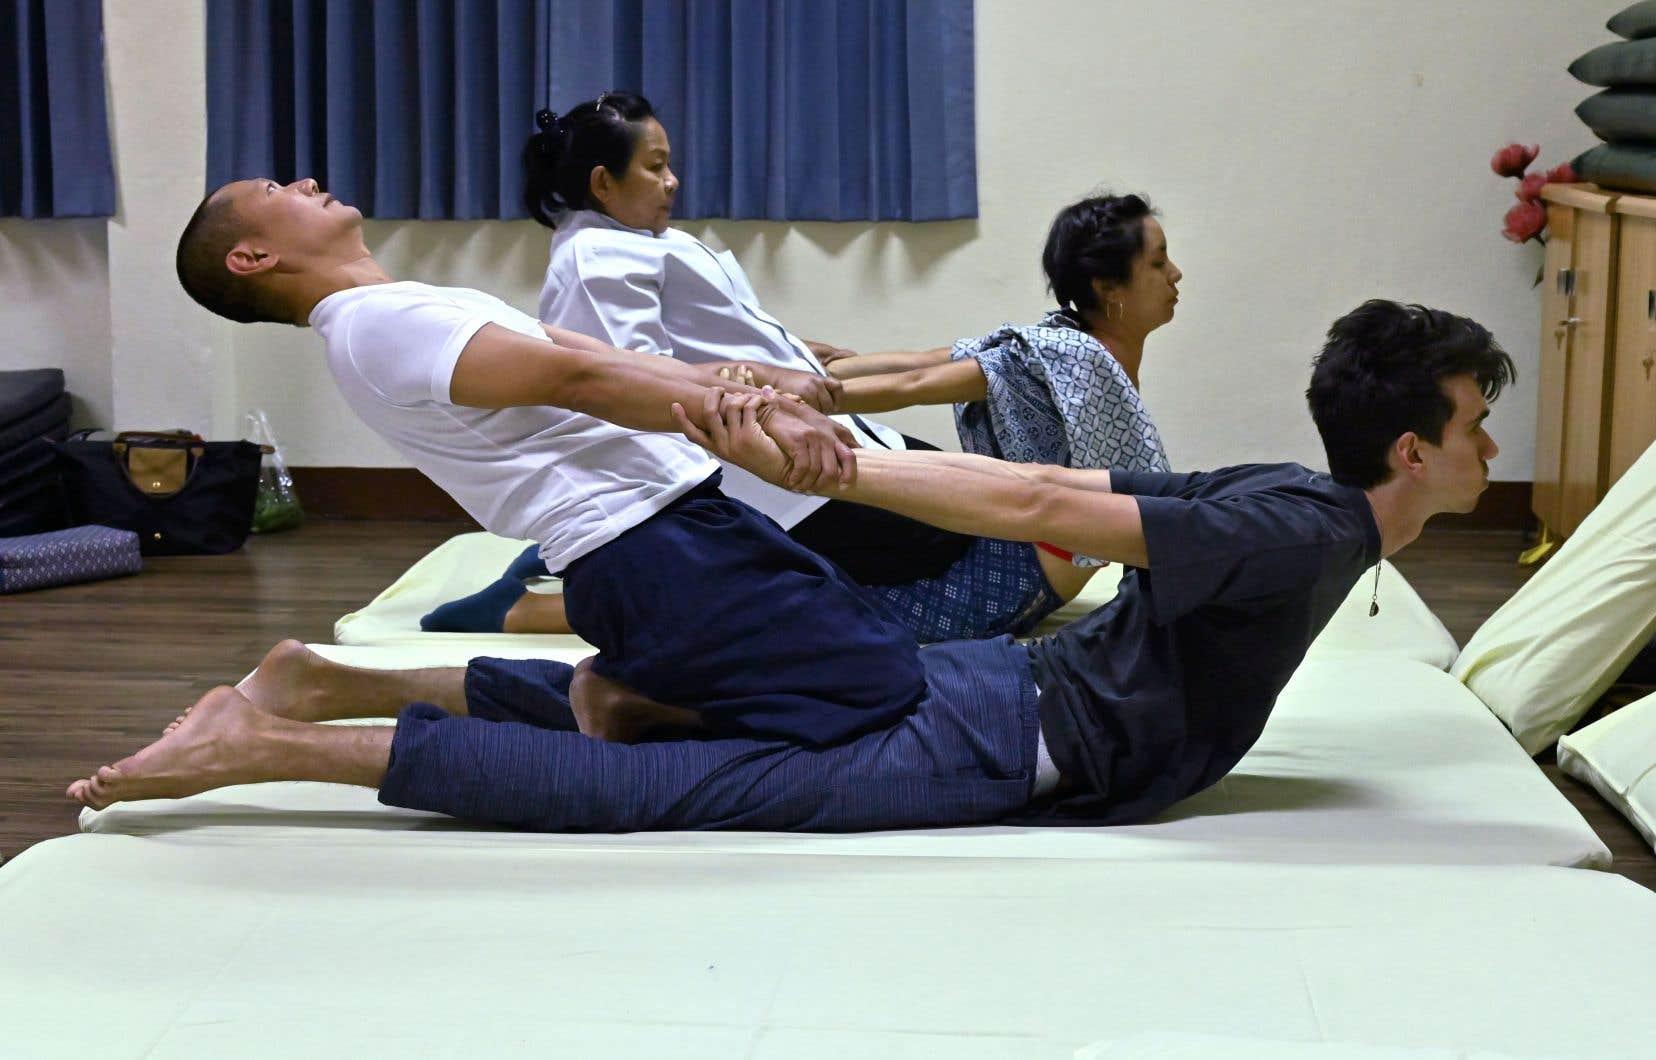 Sari, une masseuse chilienne (au fond), est venue spécialement à l'école du temple du Bouddha couché de Bangkok pour perfectionner sa maîtrise du Nuad, le massage thaï à l'histoire millénaire.